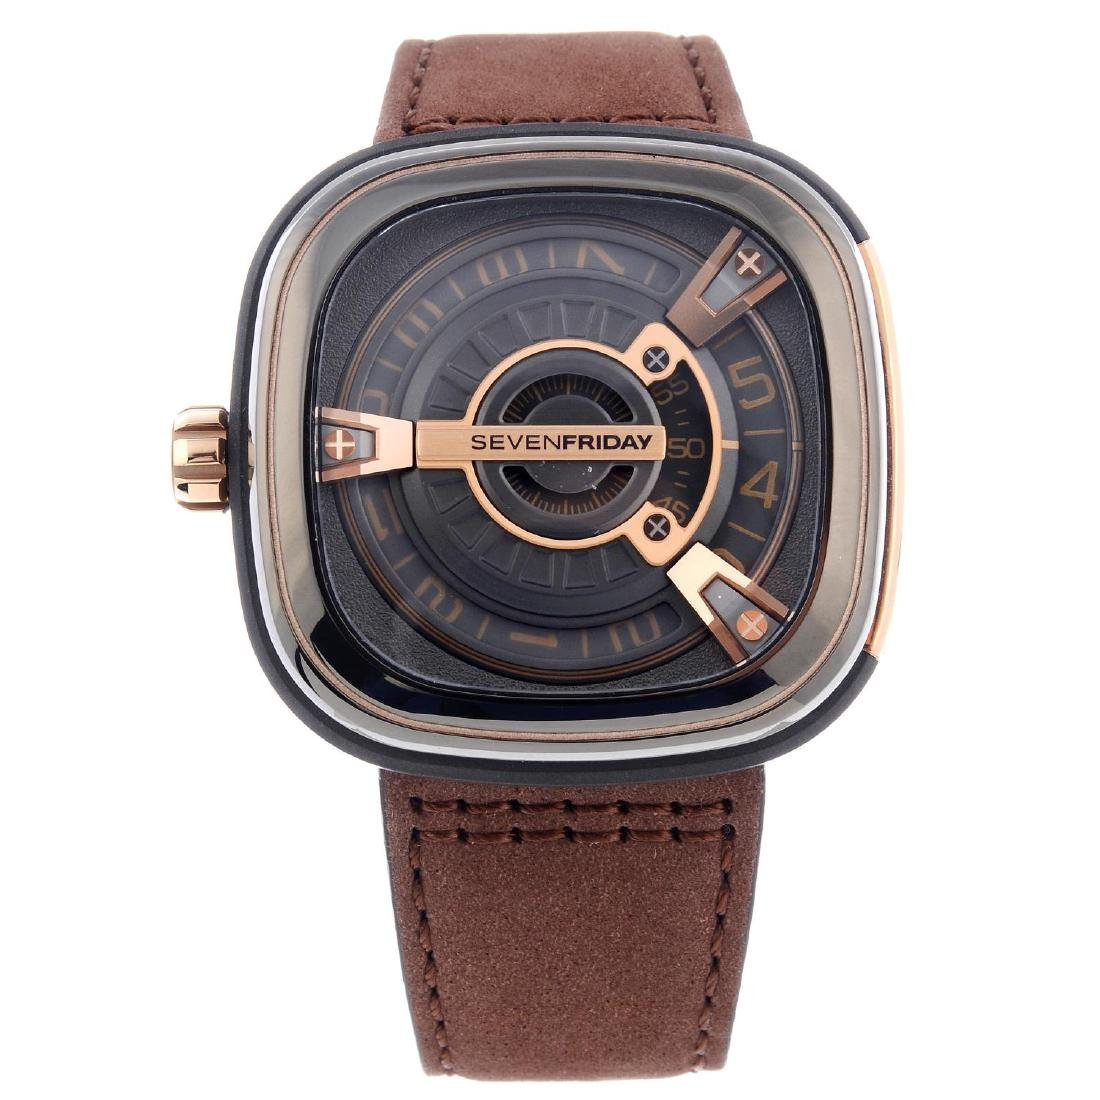 SEVENFRIDAY - a gentleman's M2/02 wrist watch.